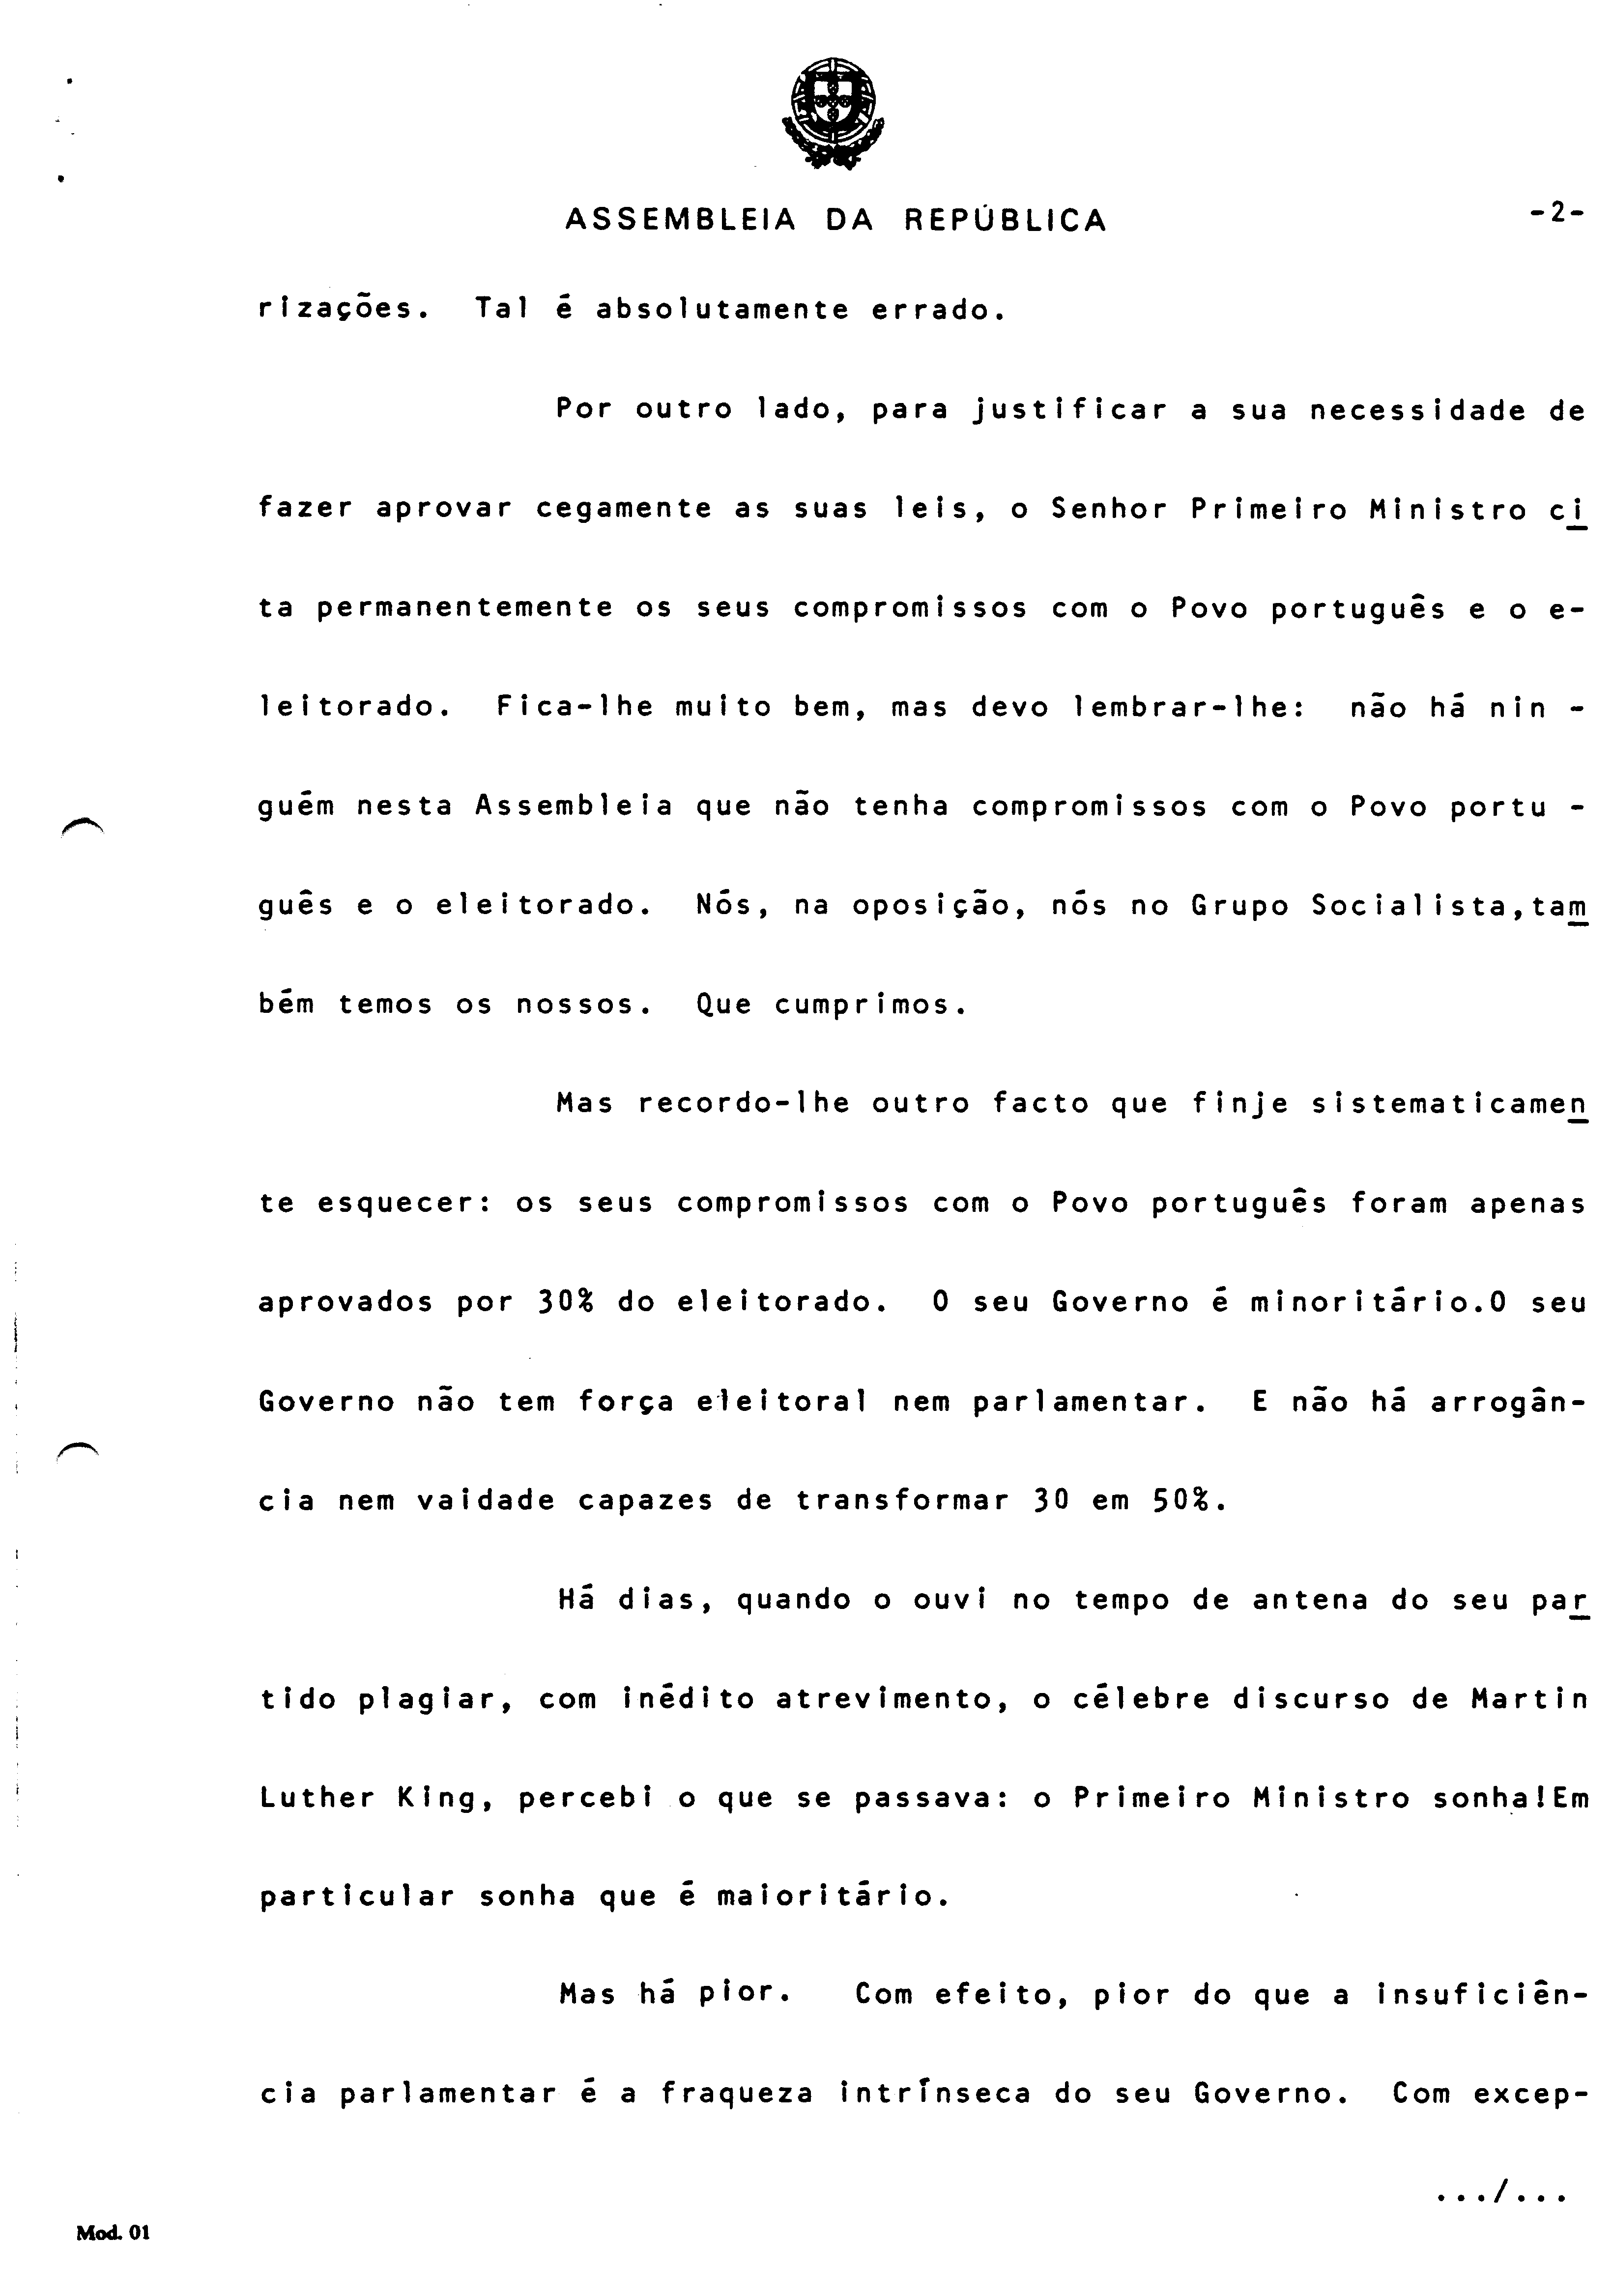 00407.007- pag.2